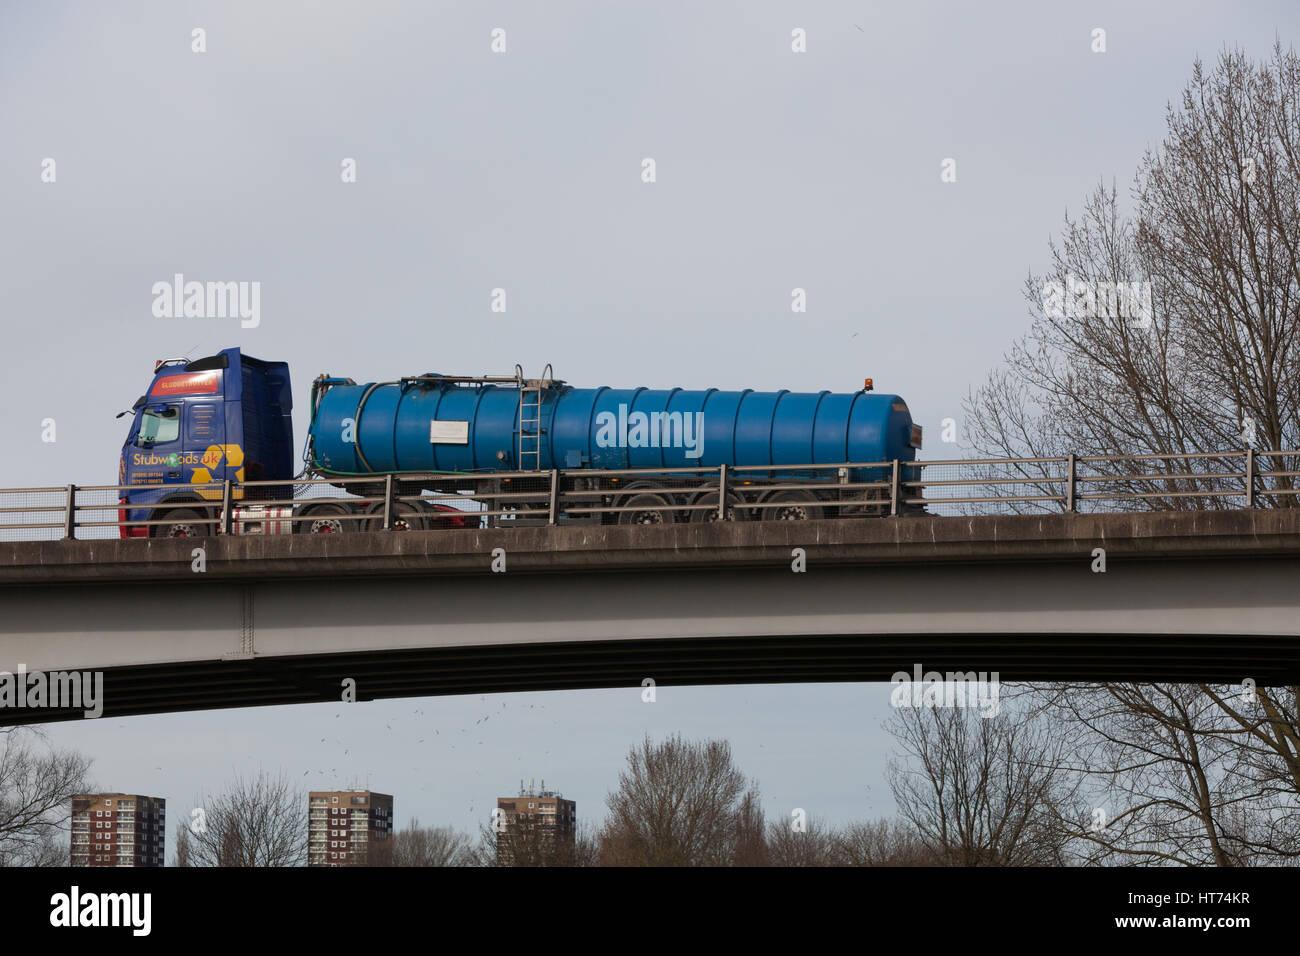 Stubwoods gestione dei rifiuti tanker sulla strada nelle Midlands Immagini Stock